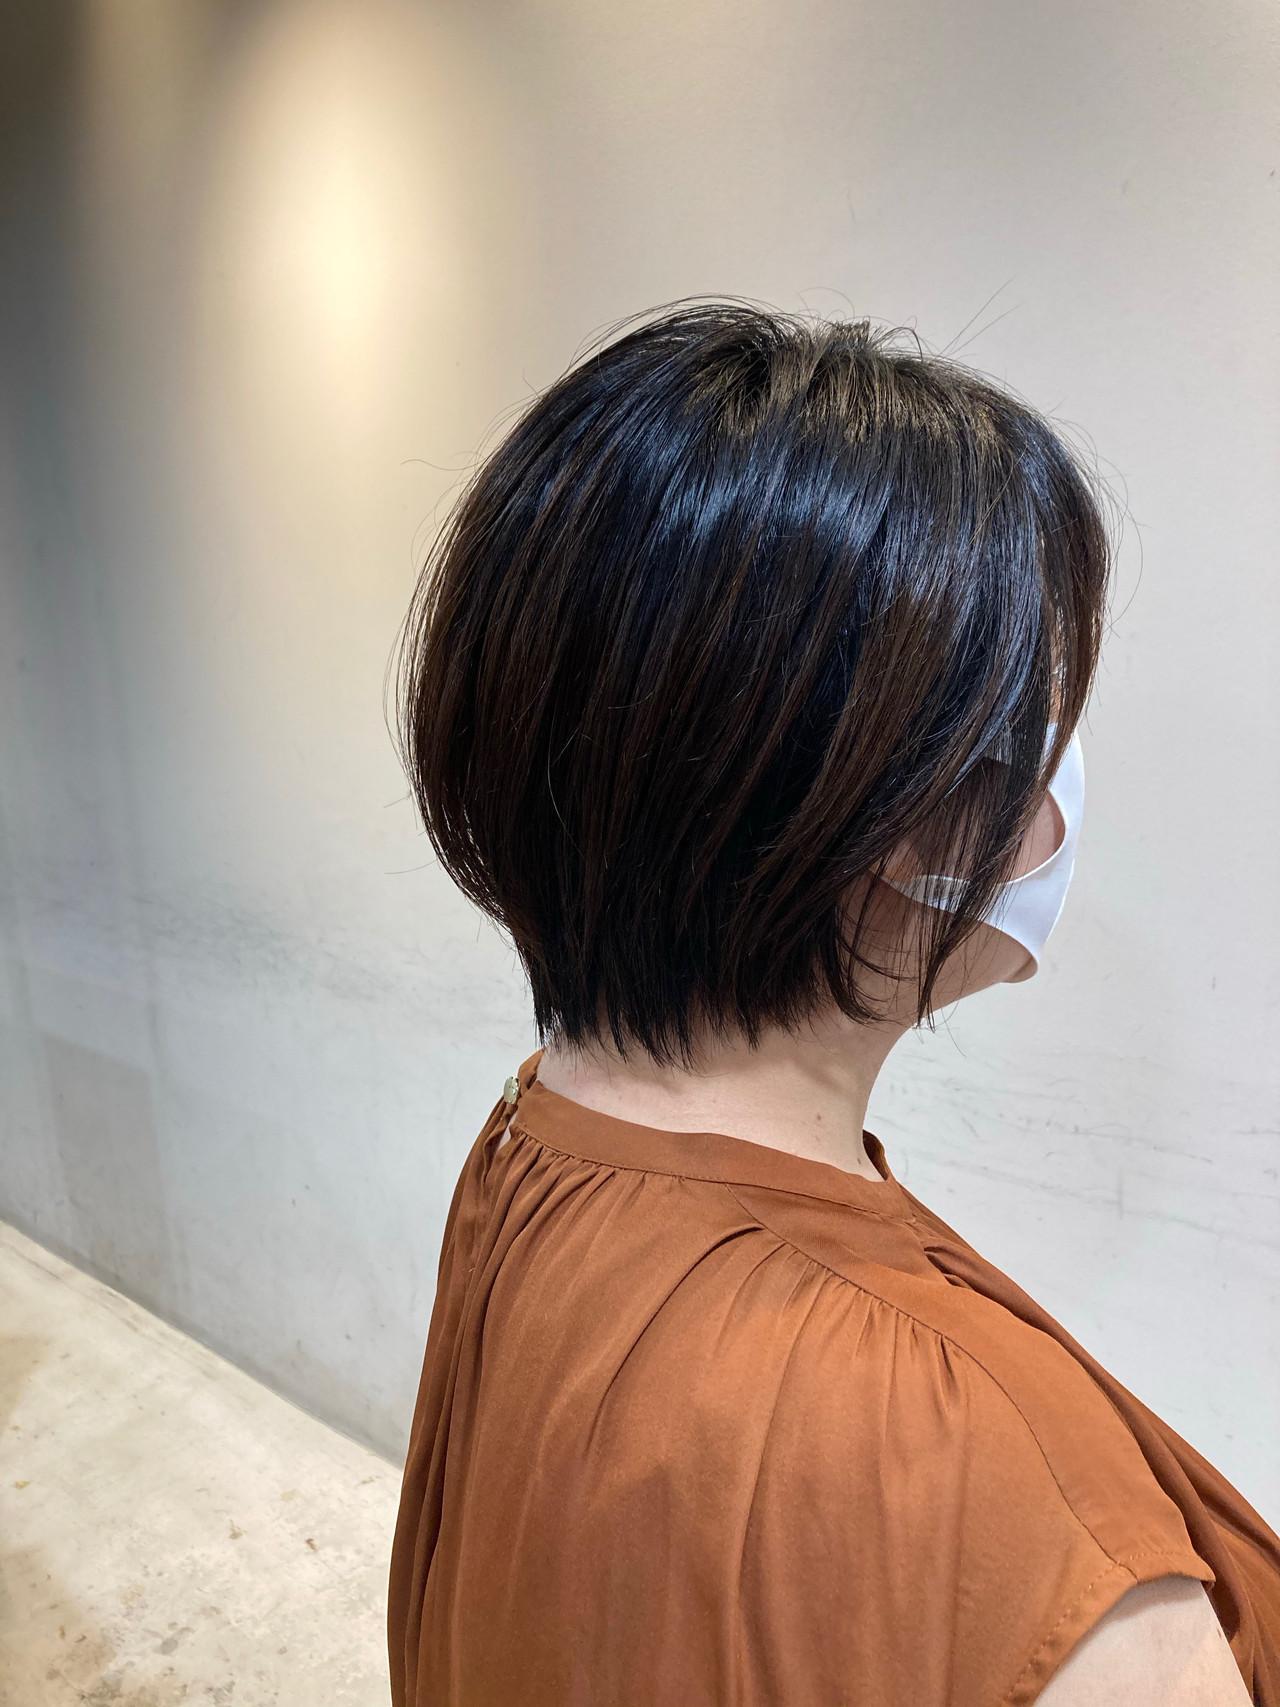 ゆるふわセット ミディアム 似合わせカット ショートバングヘアスタイルや髪型の写真・画像